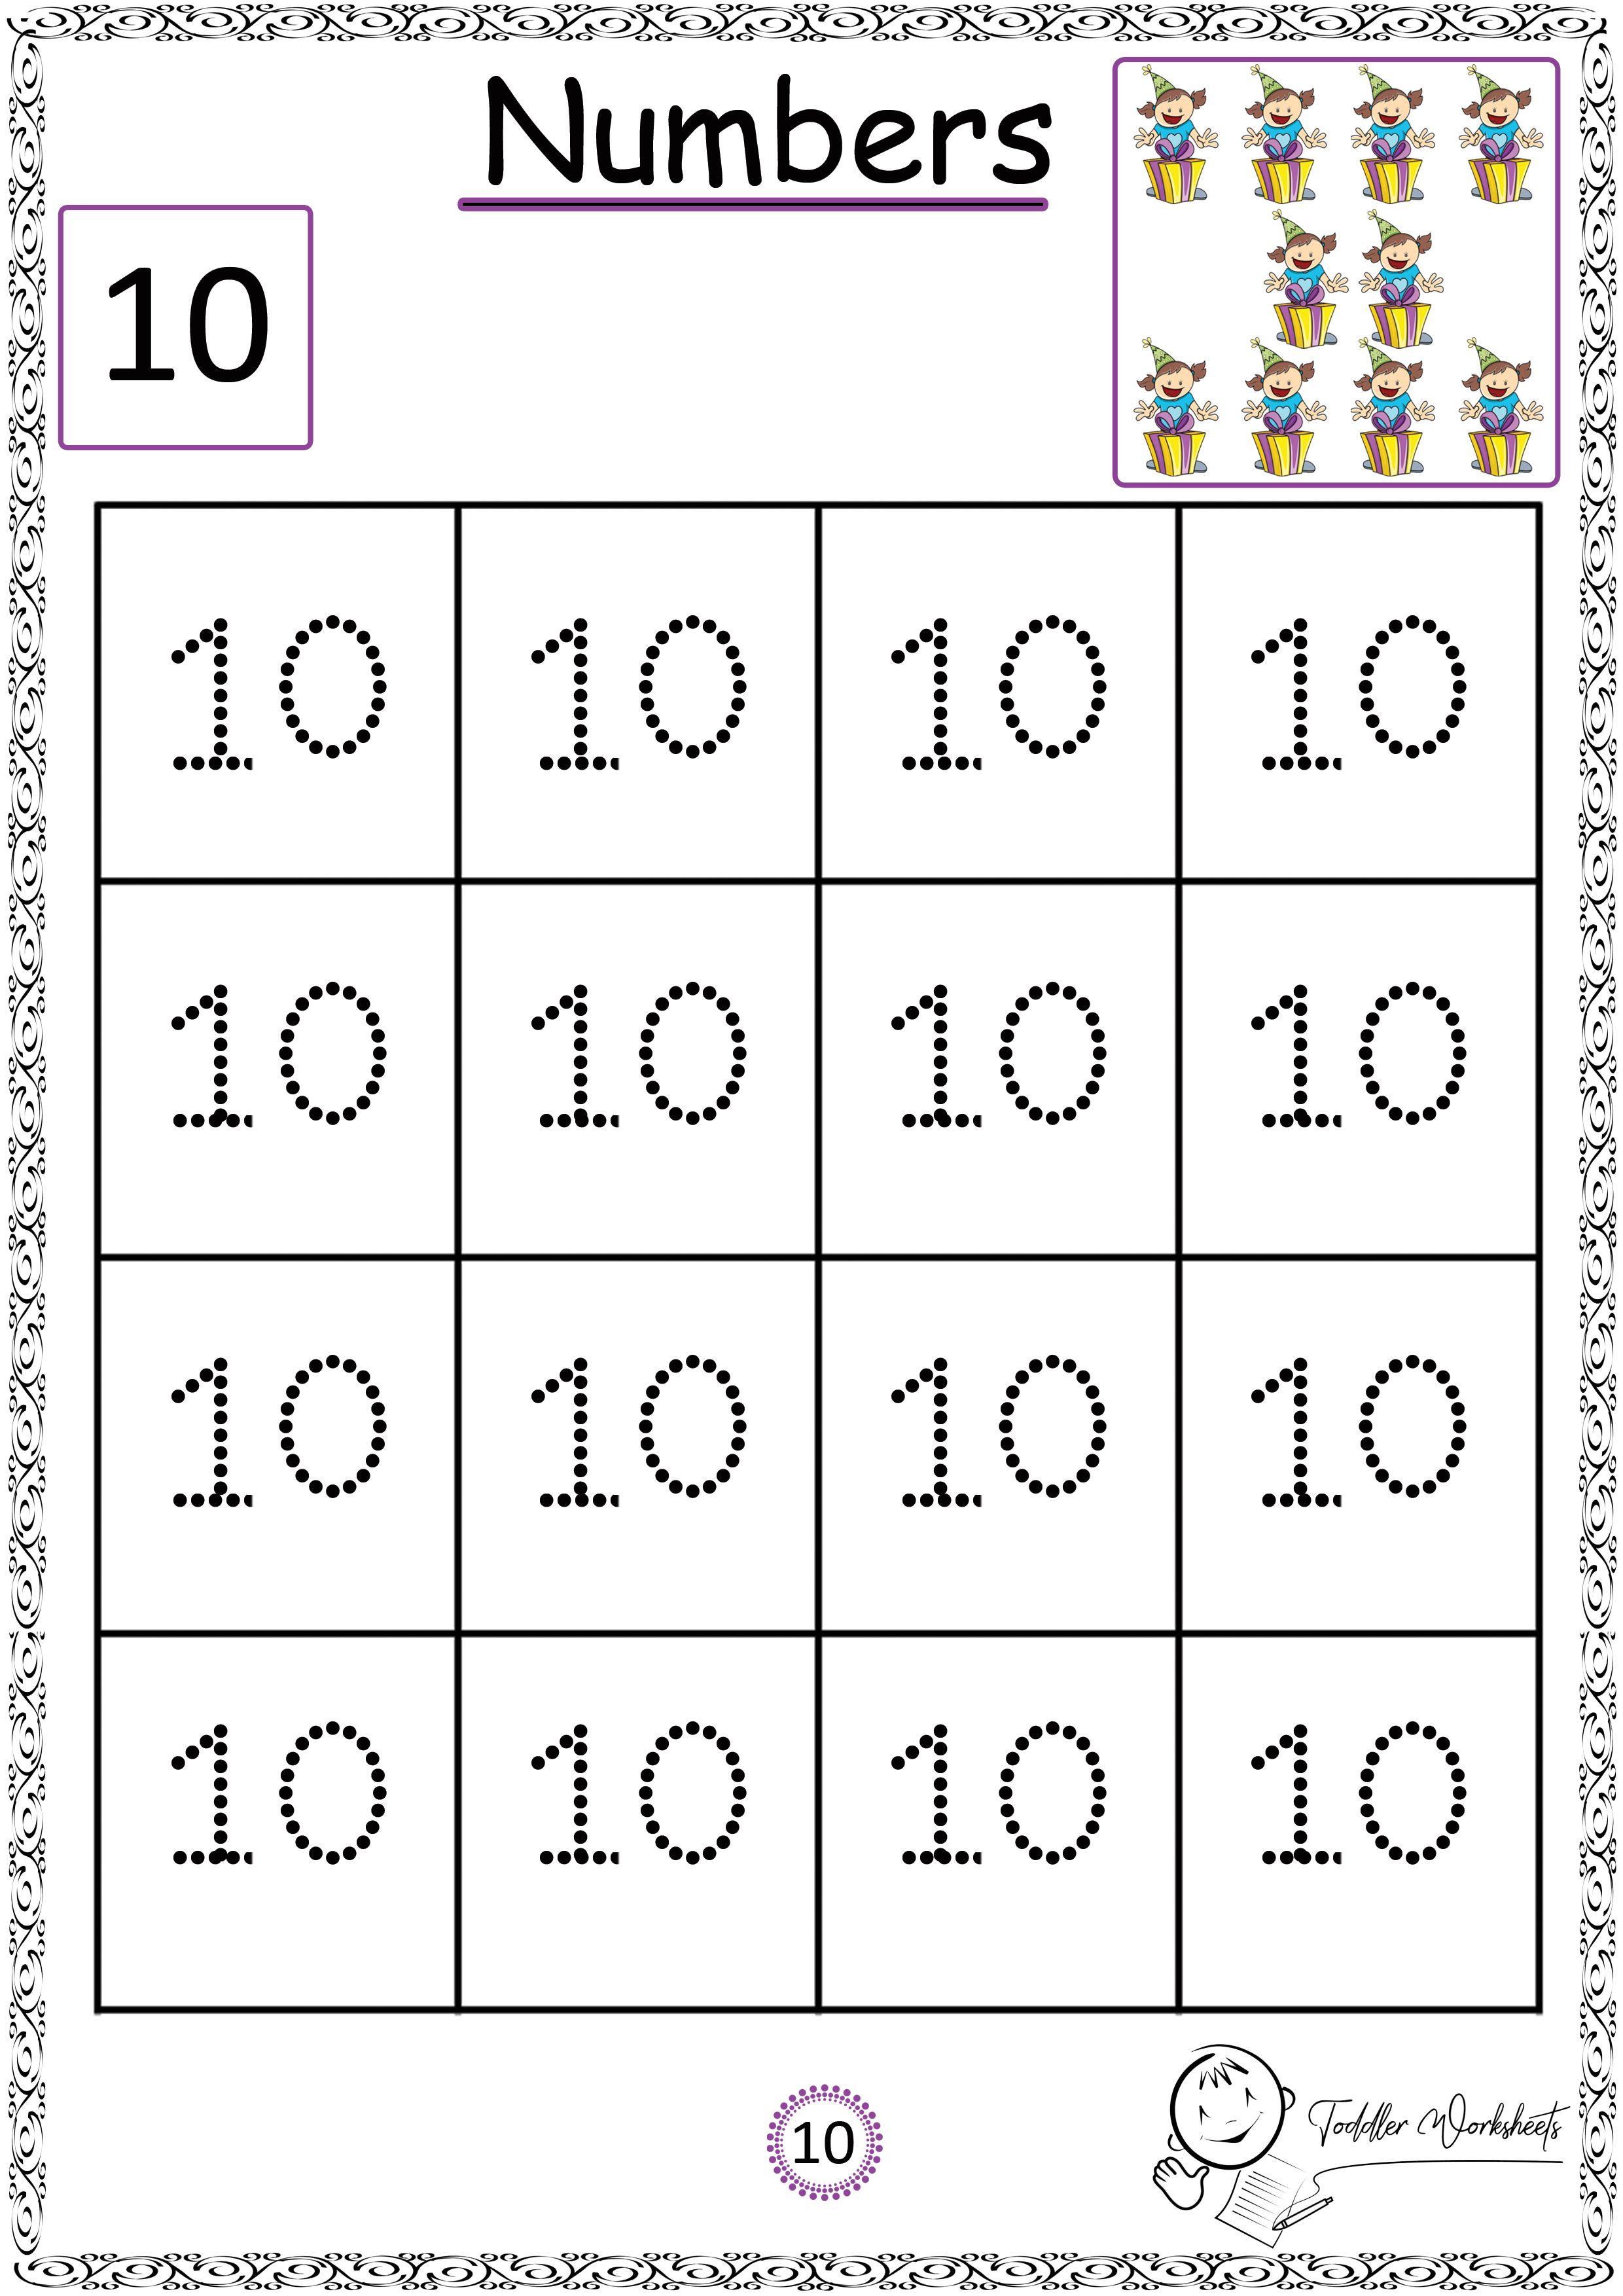 Free Preschool Numbers Worksheets Preschool Number Worksheets Numbers Preschool Free Preschool